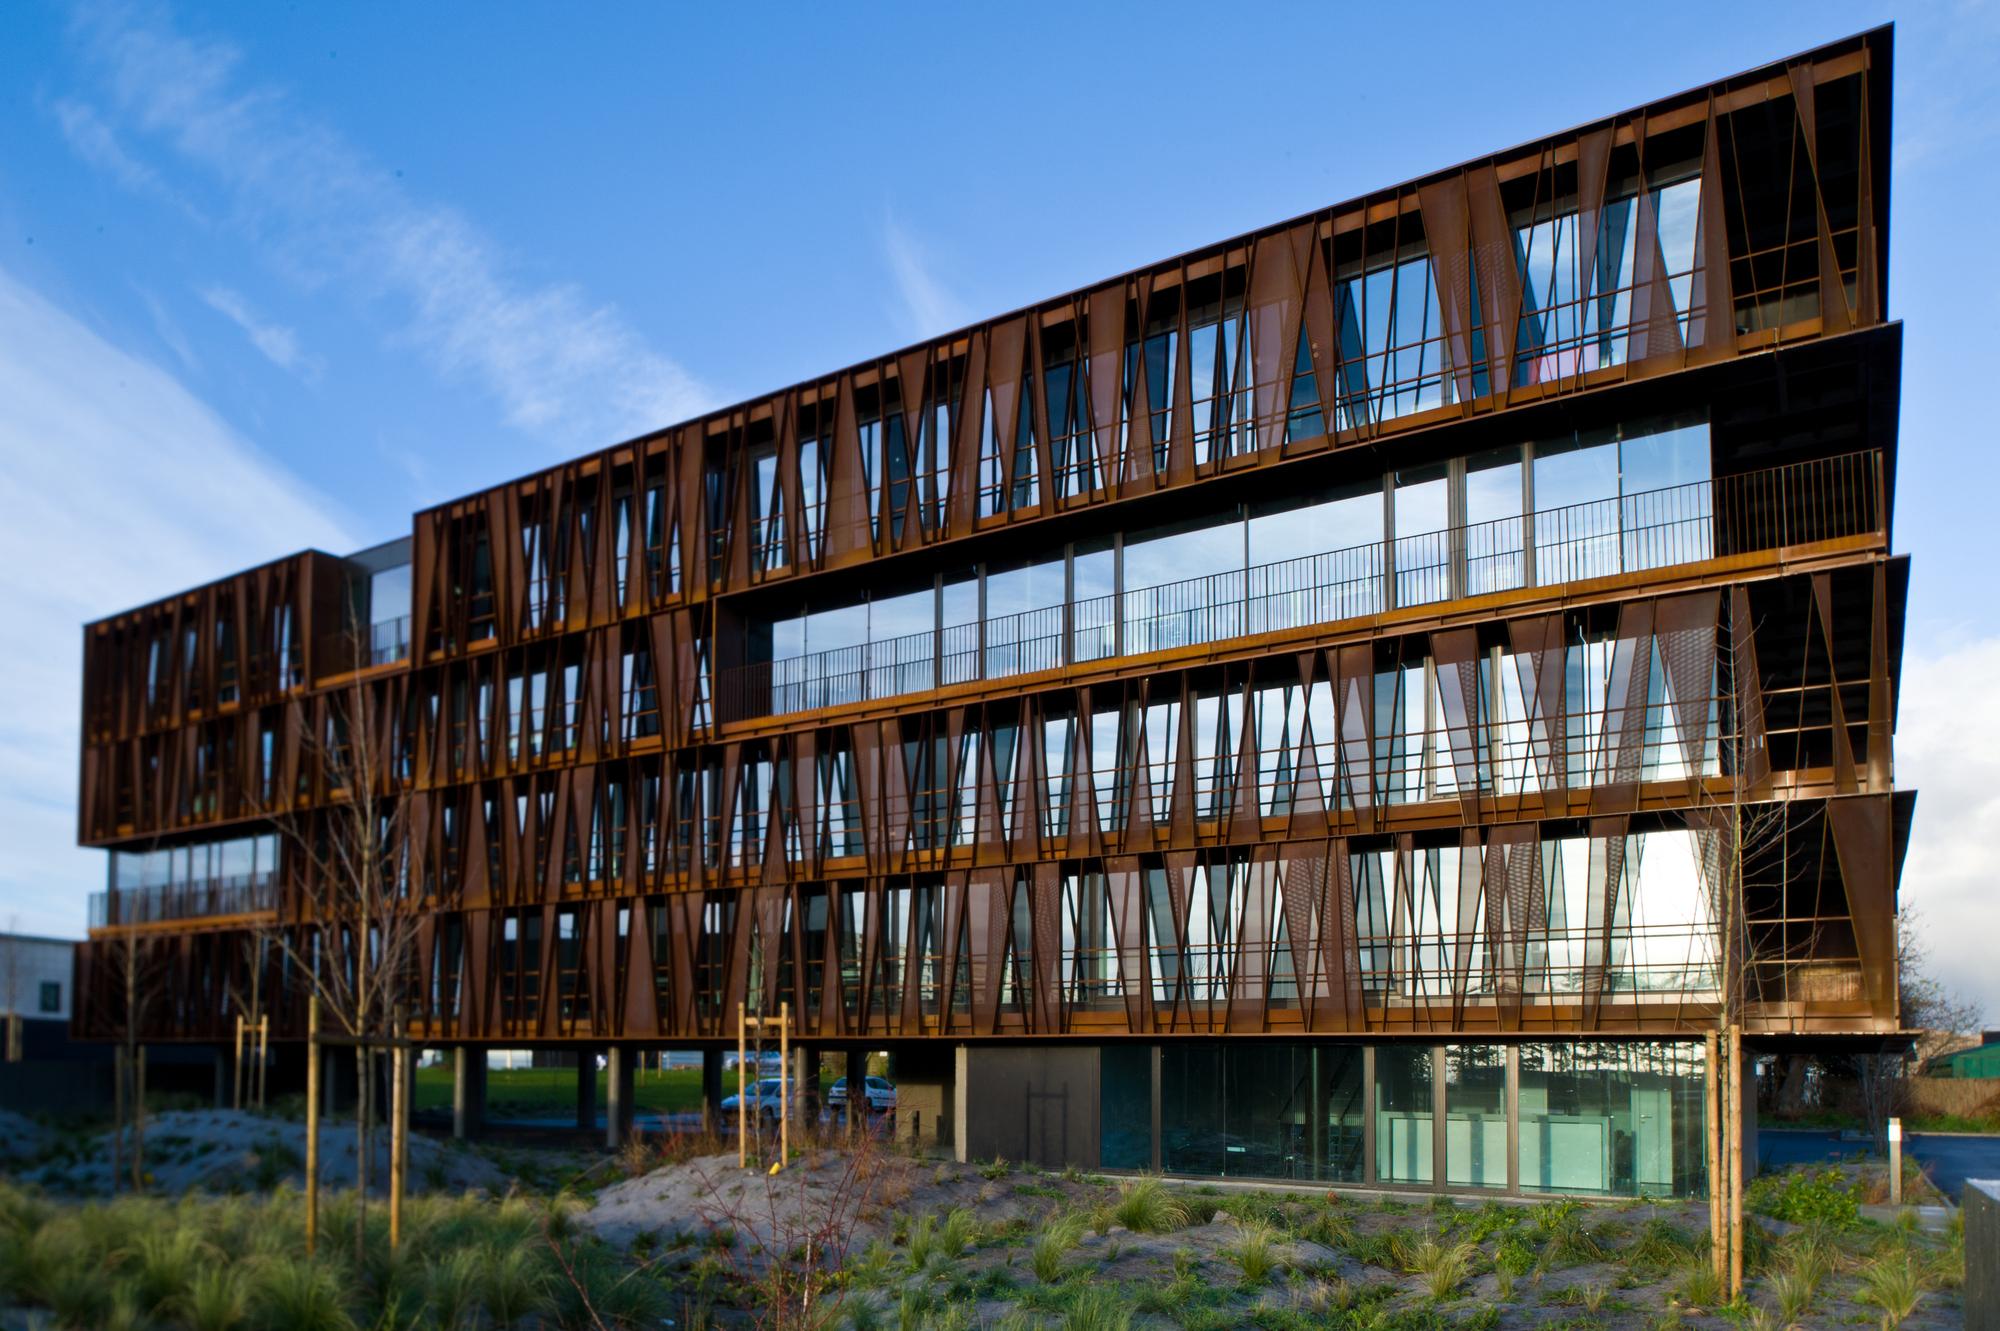 Steel band atelier arcau plataforma arquitectura for Atelier arquitectura